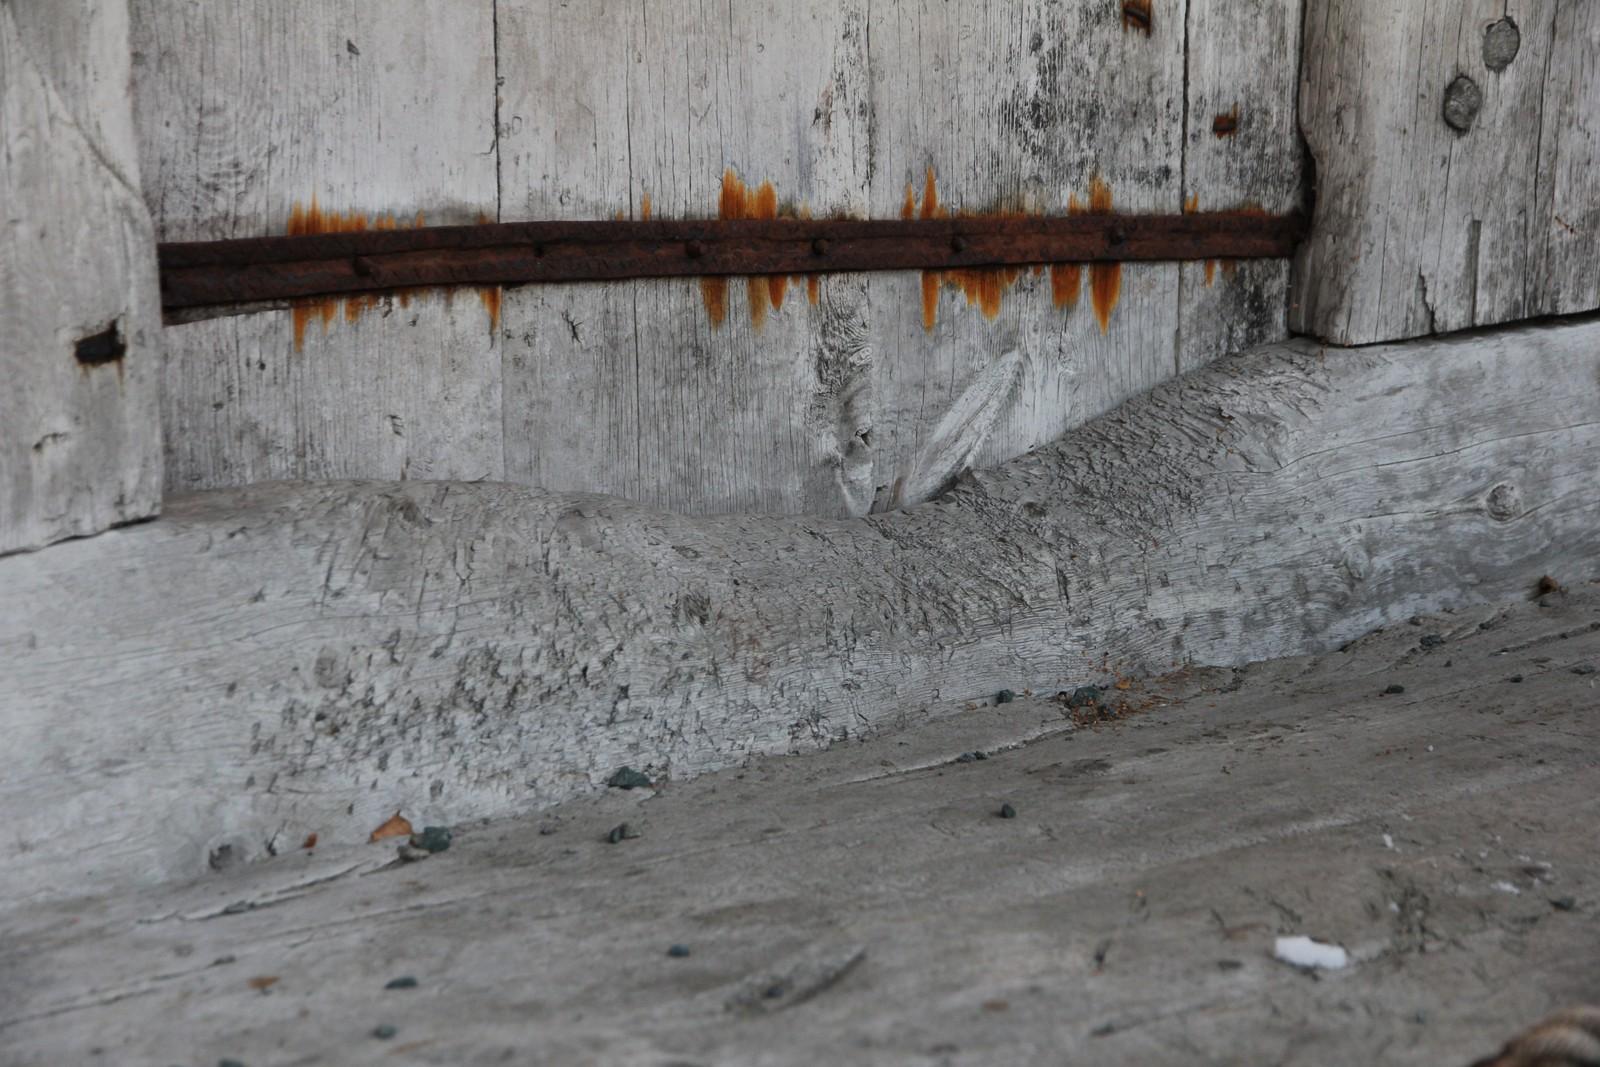 Dørstokken på Stålekleivloftet er godt slitt. 28 generasjoner kan ha tråkket over her.